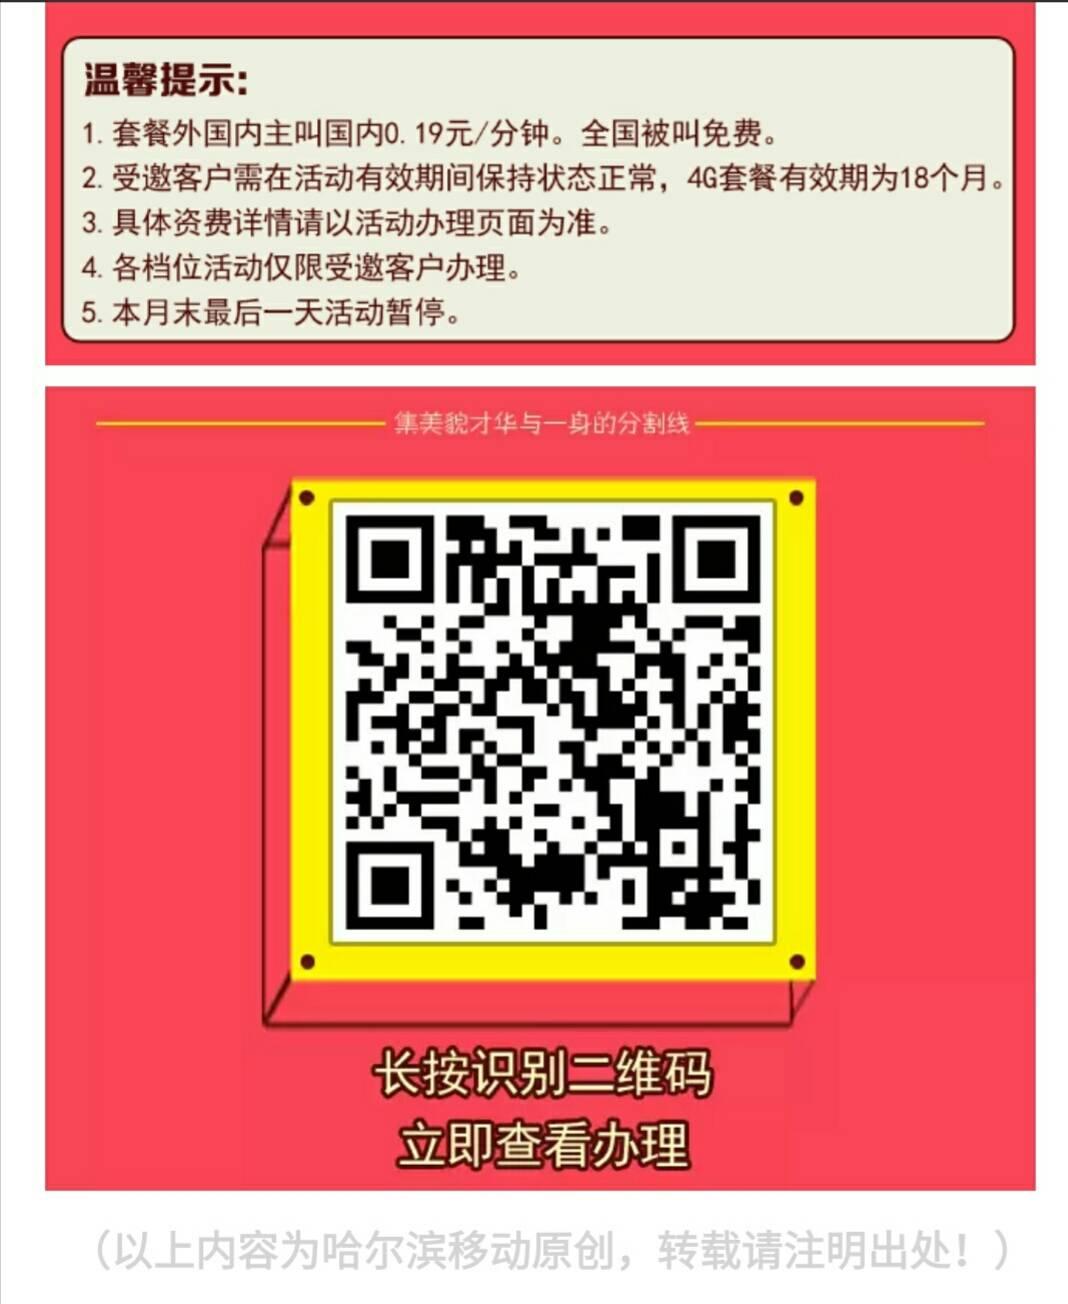 """【哈尔滨移动】4G套餐五折购低至九元!盛惠不停歇!洪荒之""""力""""等你狂欢!2.jpg"""